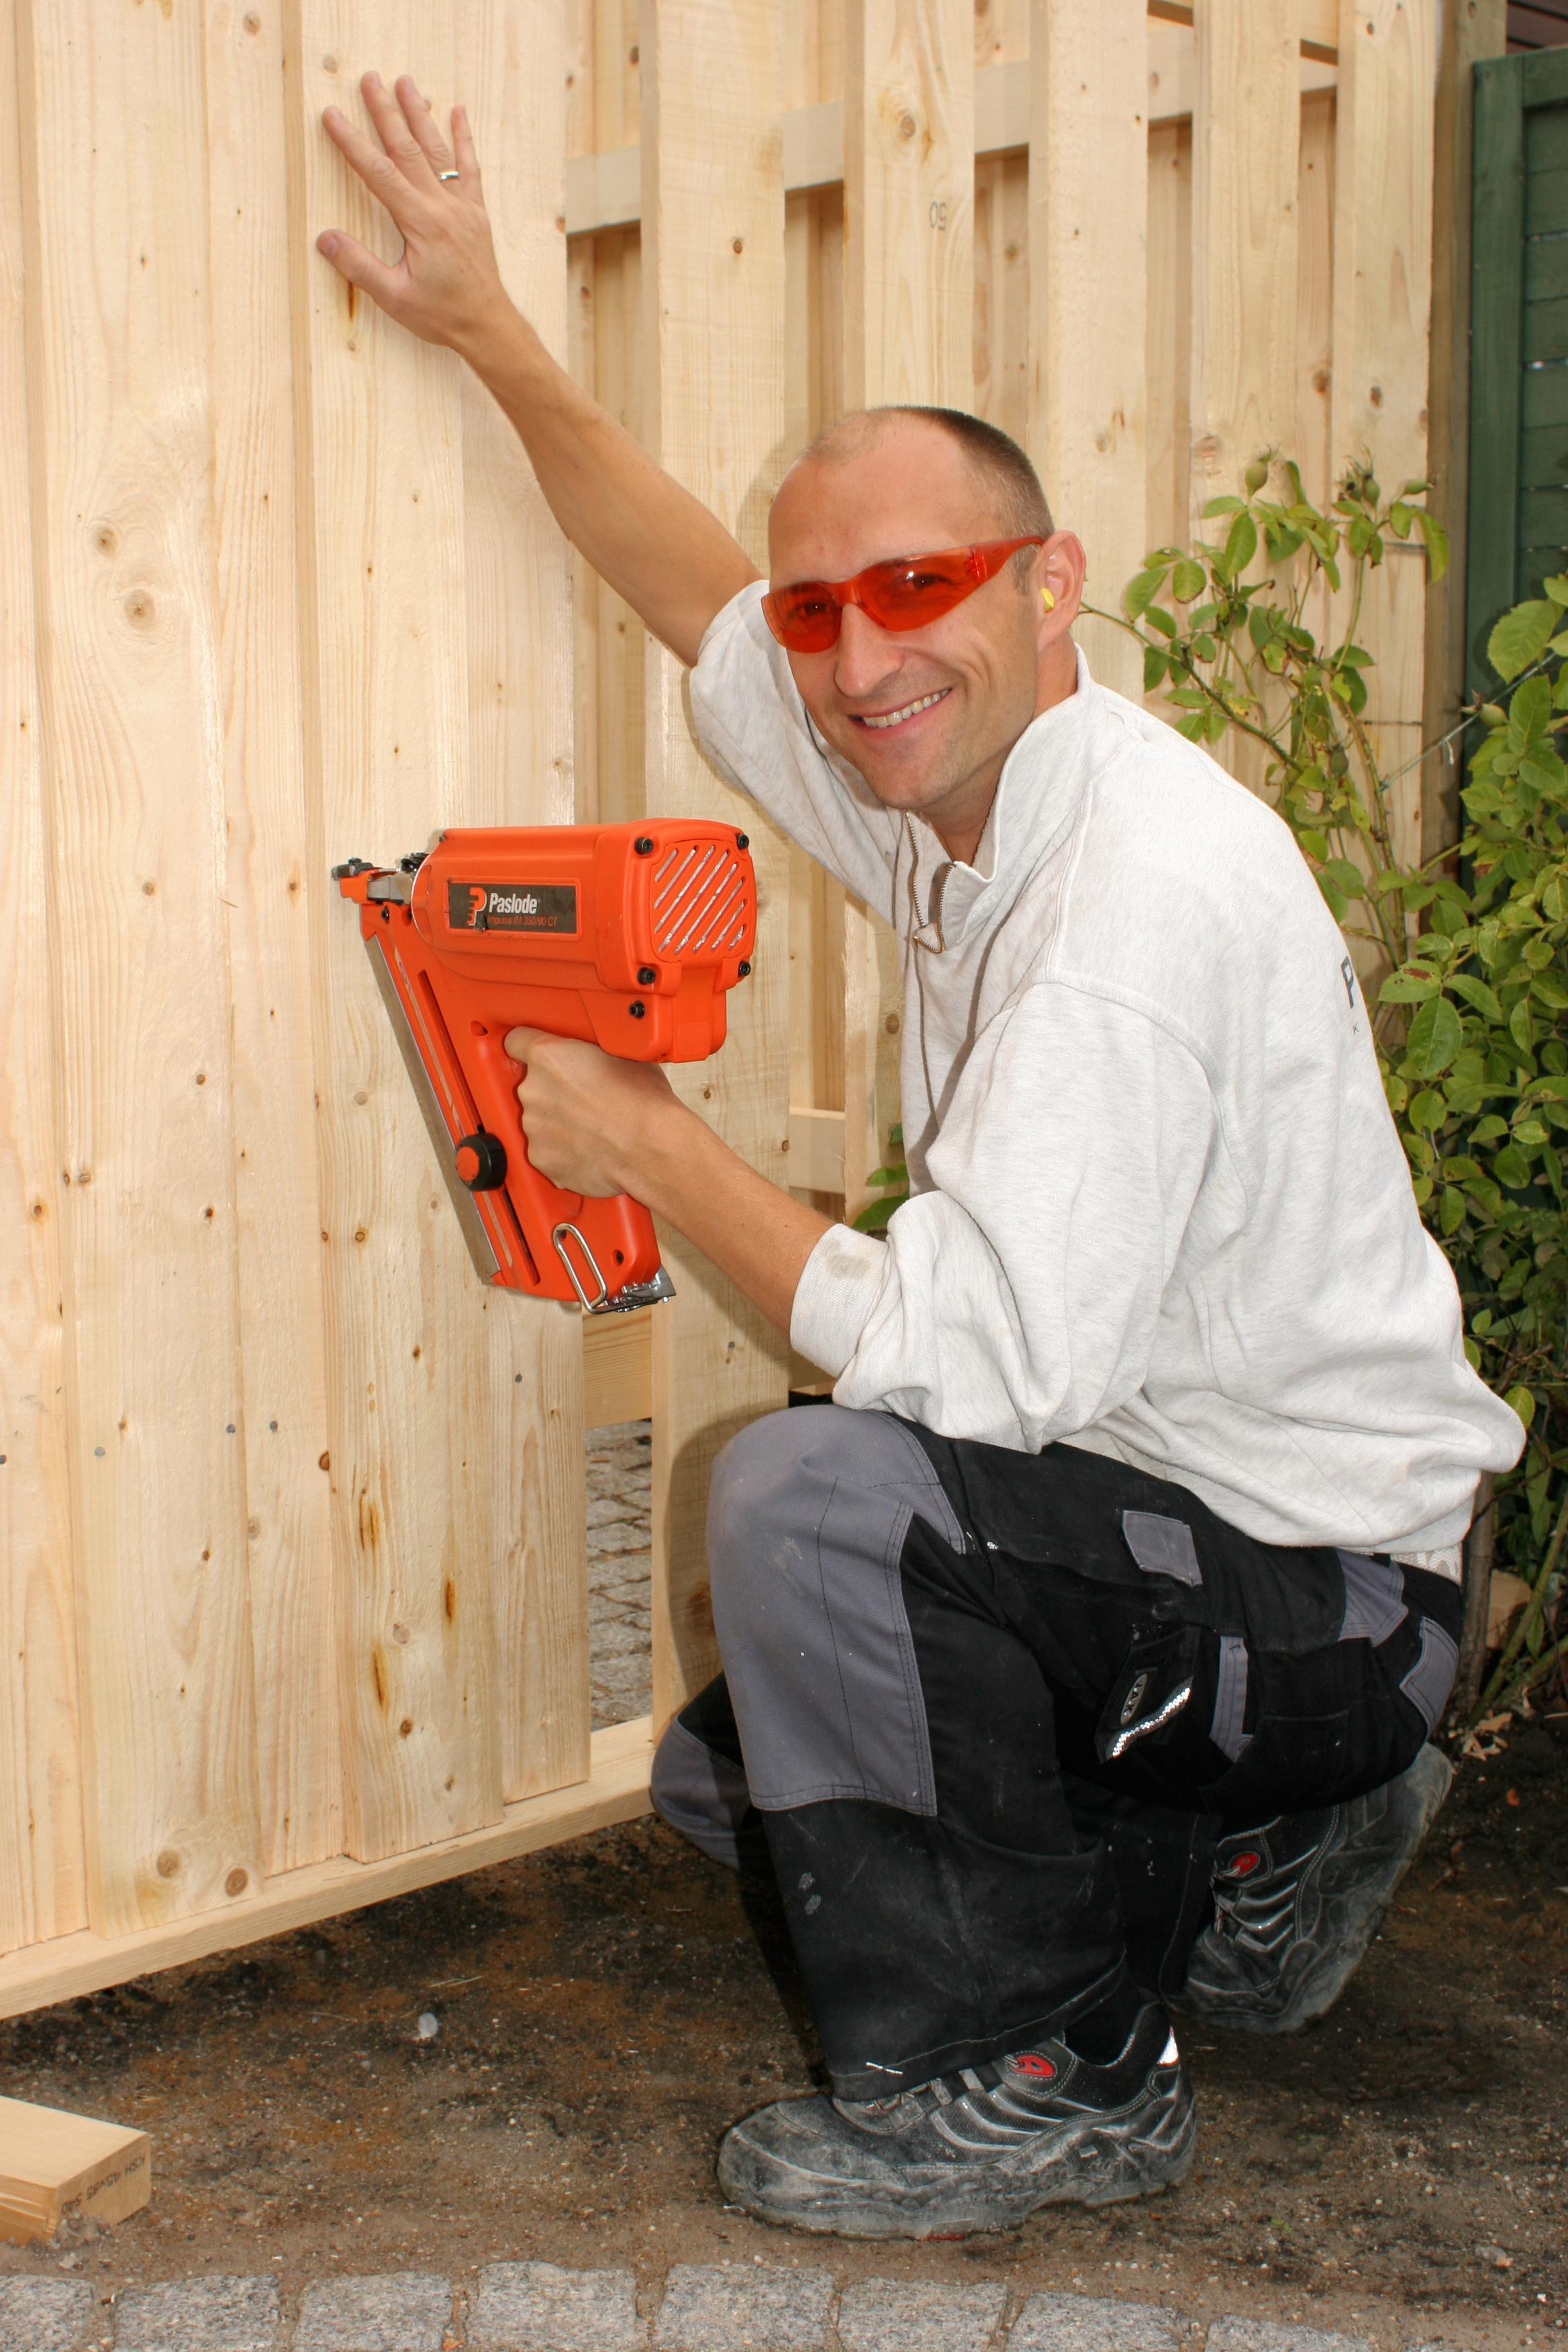 #B83713 Mest effektive Byg Selv Plankeværket (gør Det Selv Plankeværk Trin For Trin) Handyman.dk Gør Det Selv Værksted Hasselager 6335 233635046335